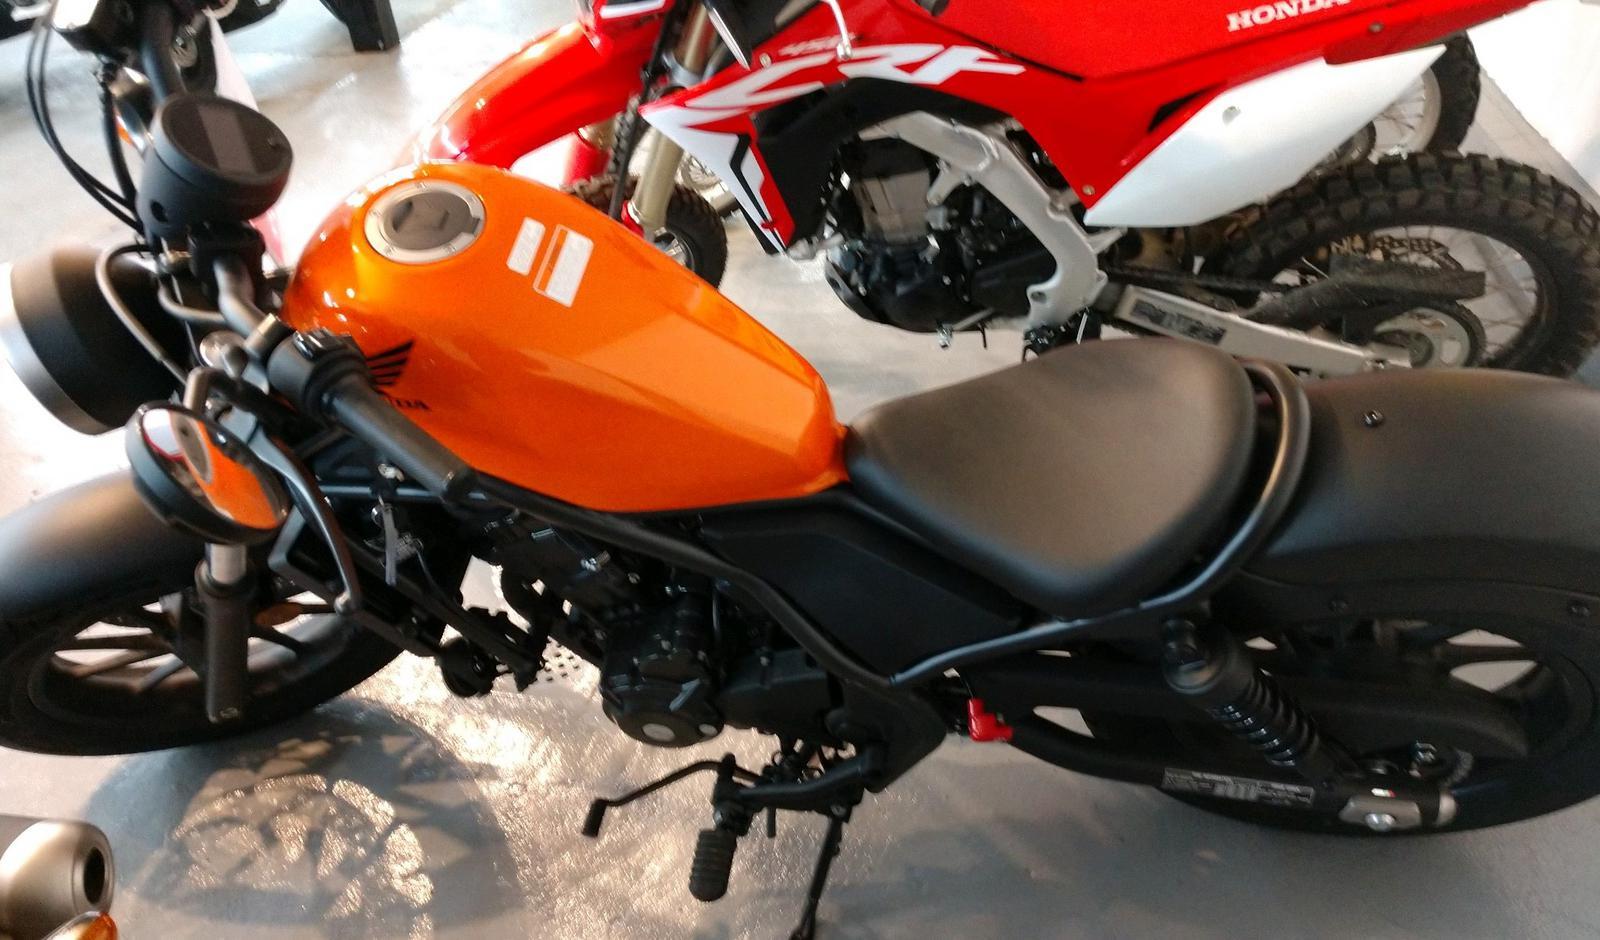 2019 Honda CMX300